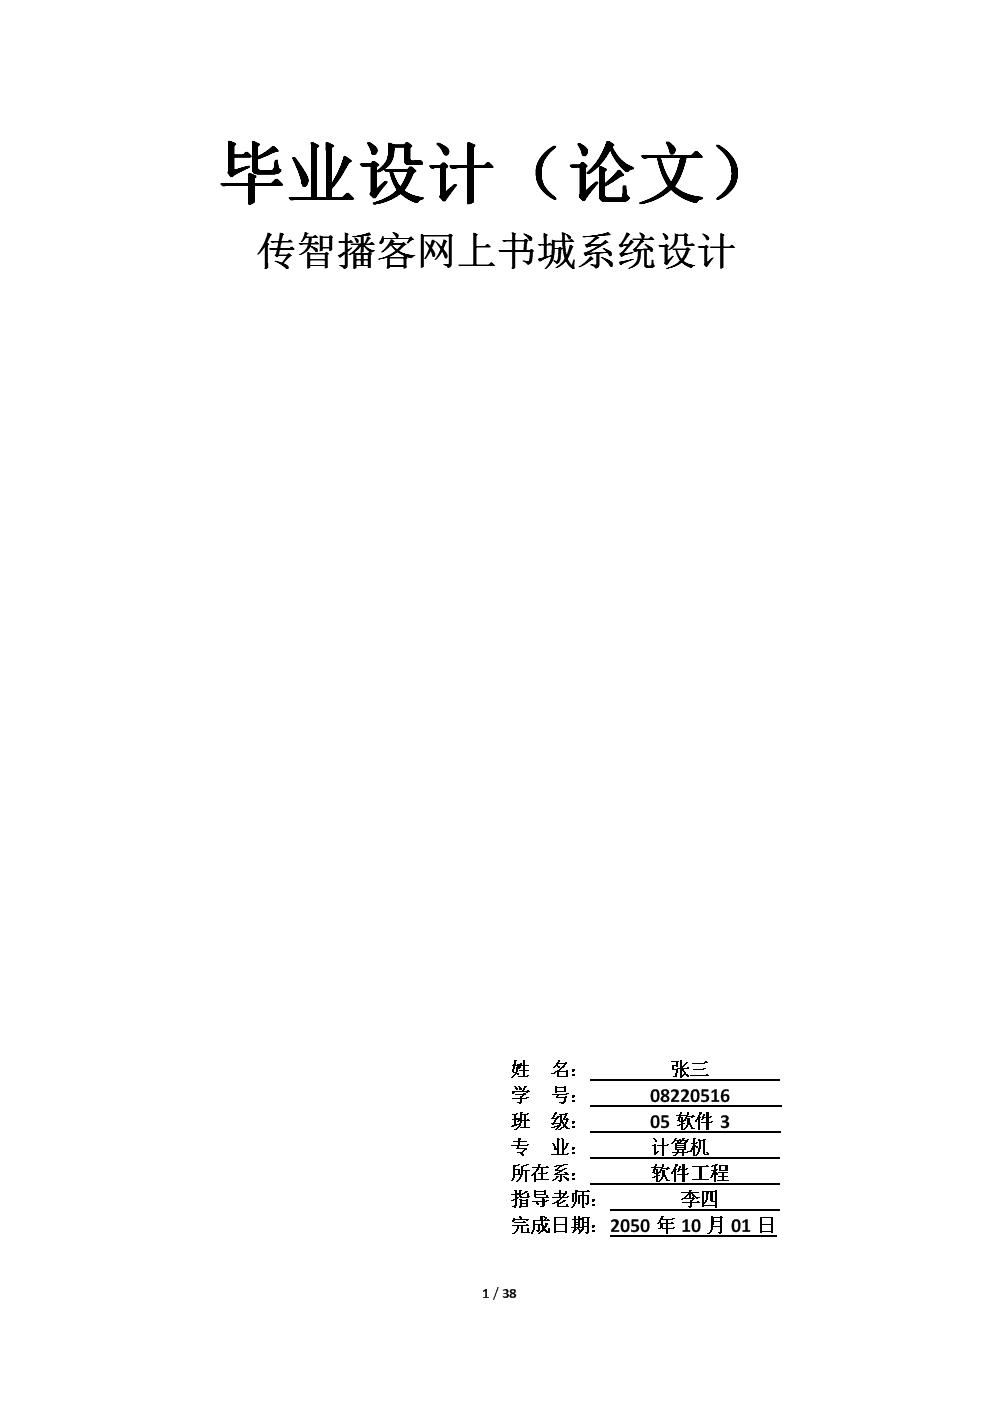 传智播客网上书城-设计与实现论文.doc